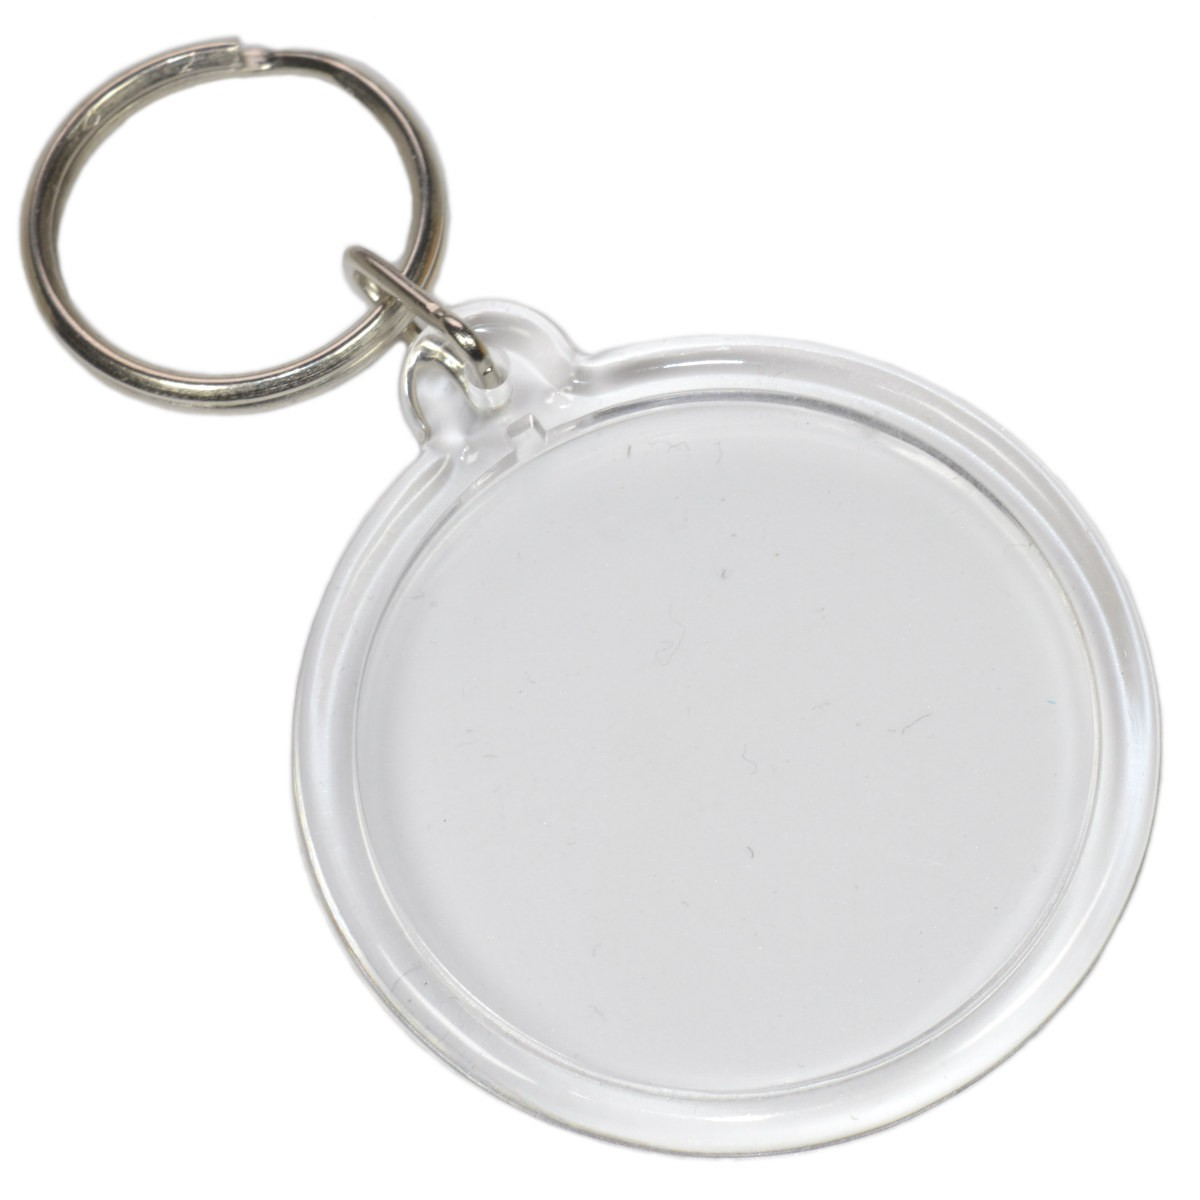 Foto Schlüsselanhänger Acryl rund - Rohling für Passfoto / Bild Ø 4,1cm